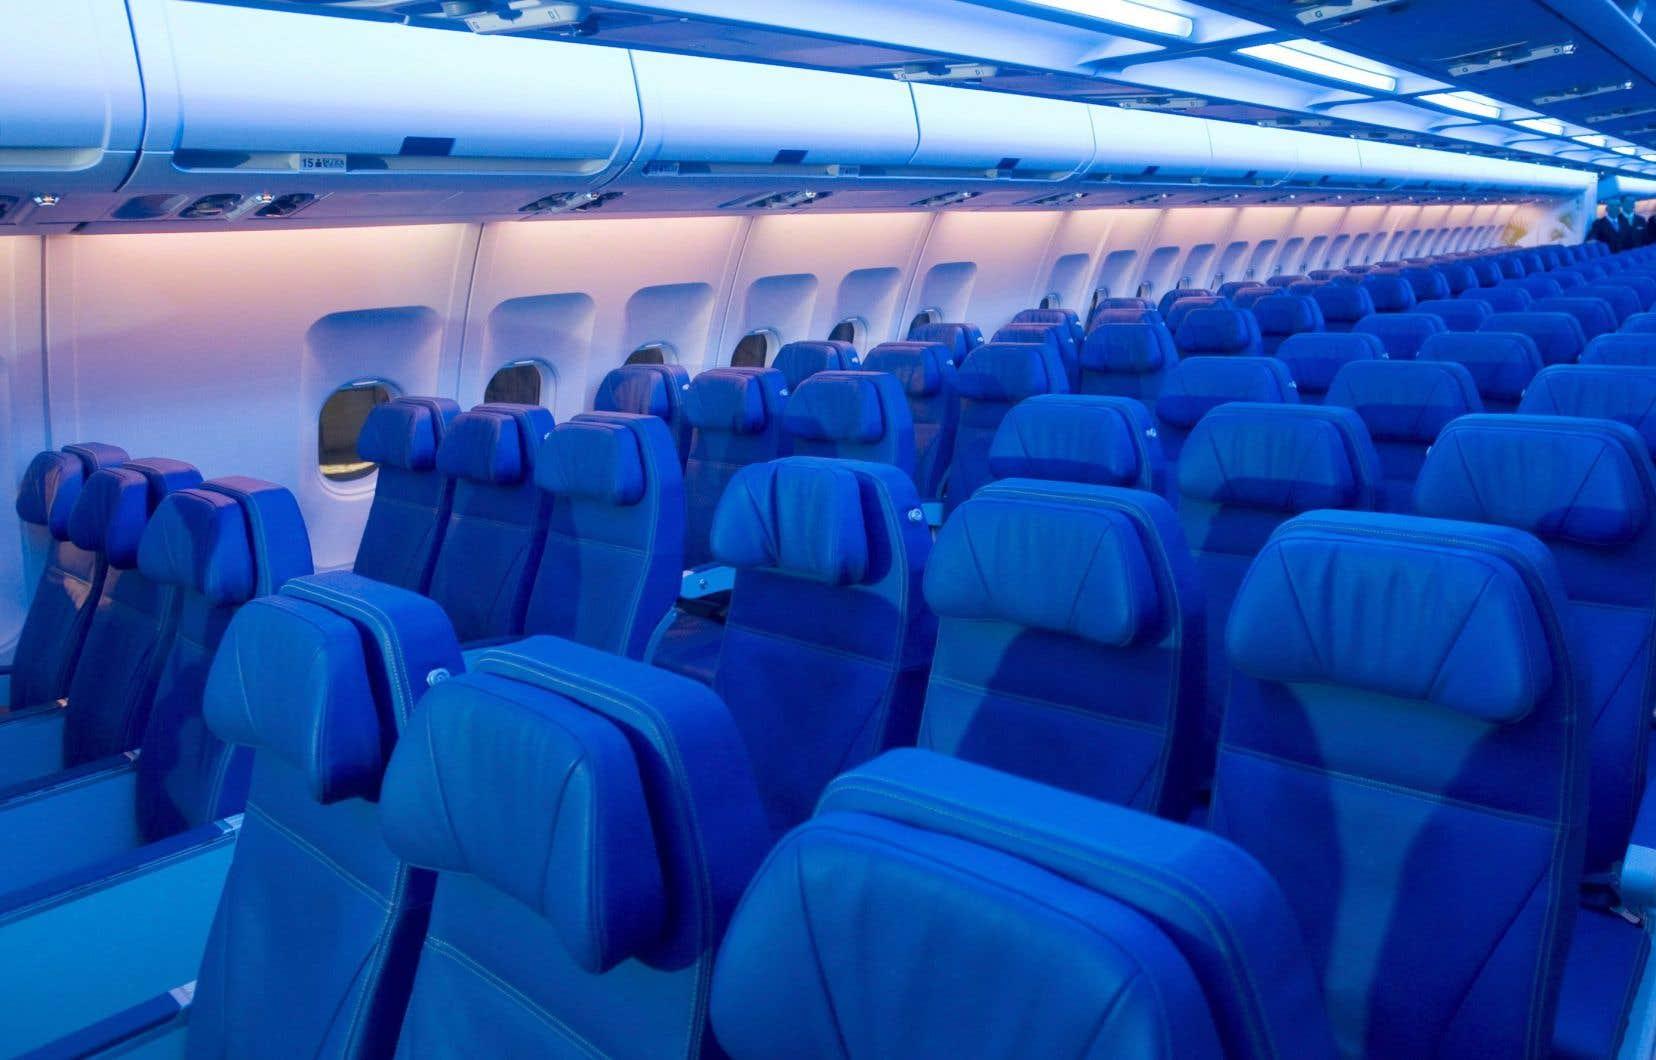 Les analystes s'attendent toujours à ce que la prise de contrôle de Transat A.T. par Air Canada se concrétise.